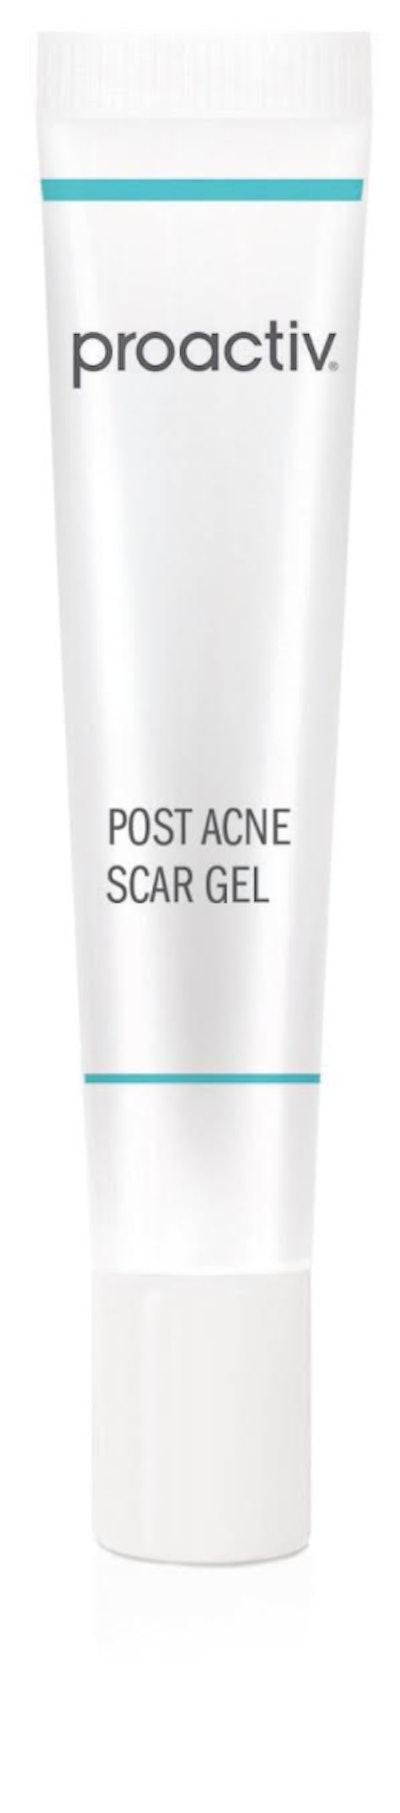 Post Acne Scar Gel